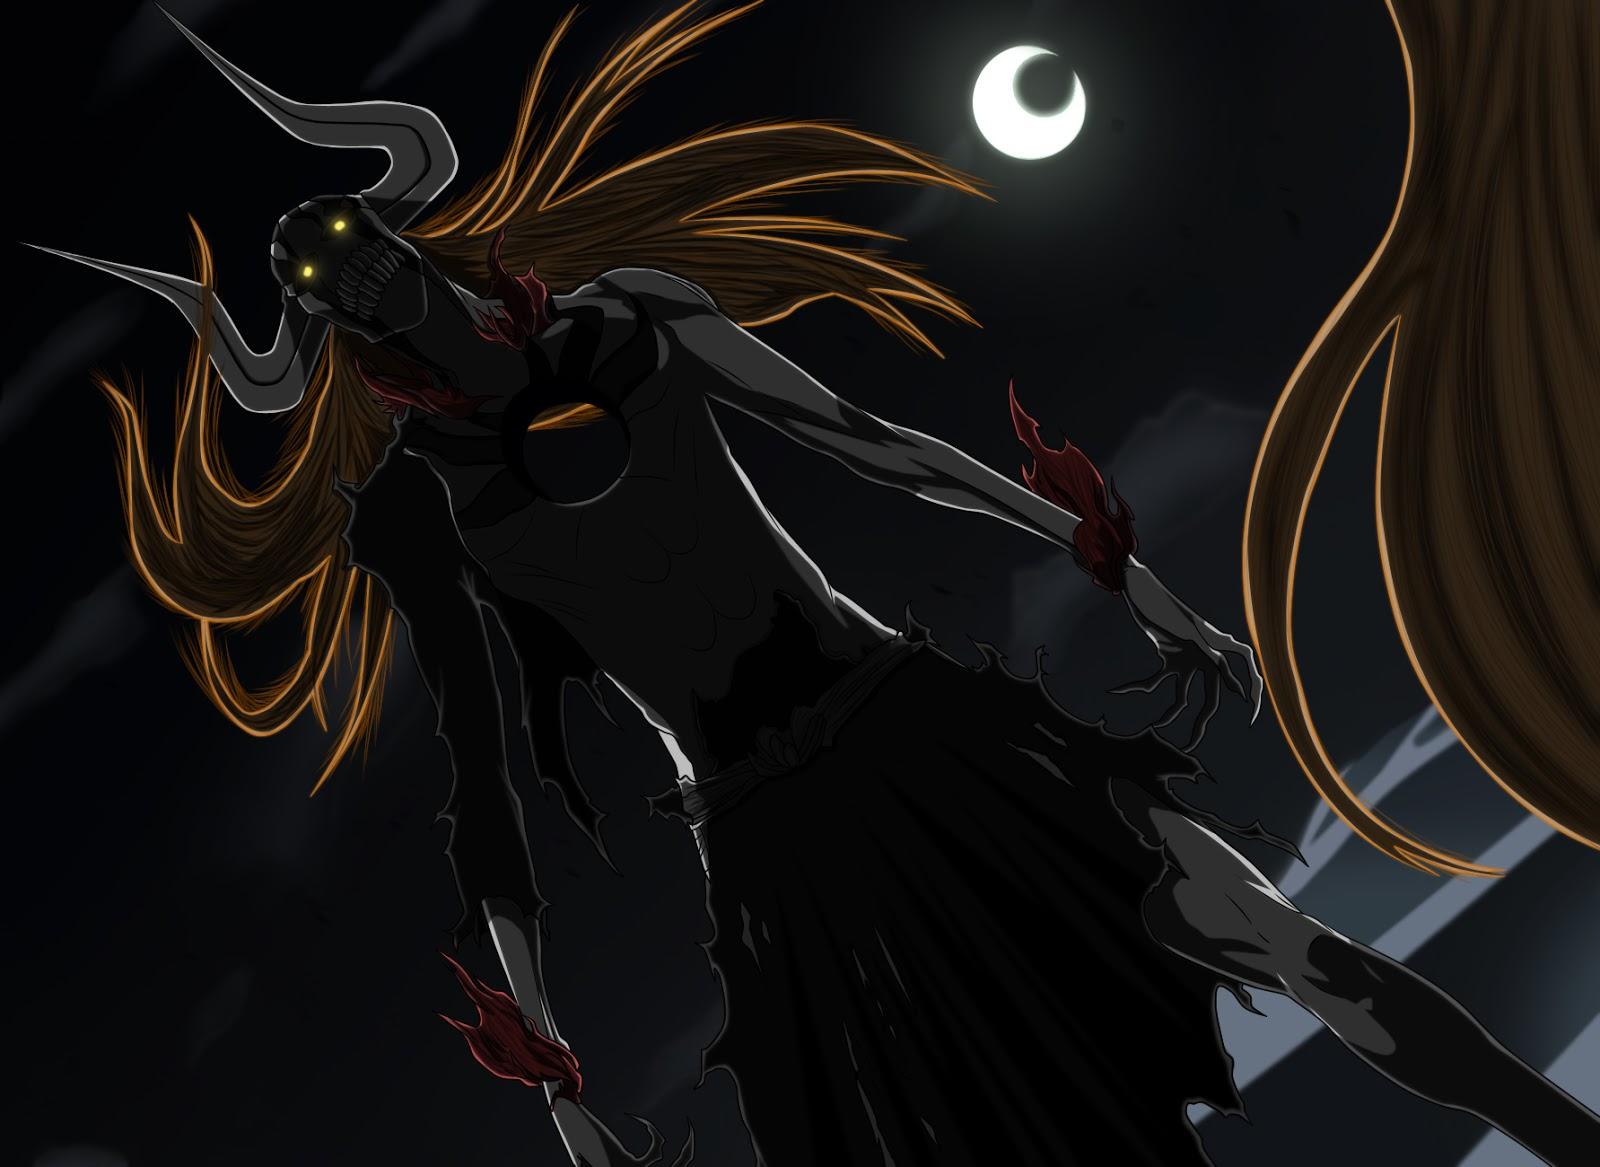 Kurosaki ichigo vizard 7 wallpapers your daily anime wallpaper and fan art - Ichigo vizard mask ...